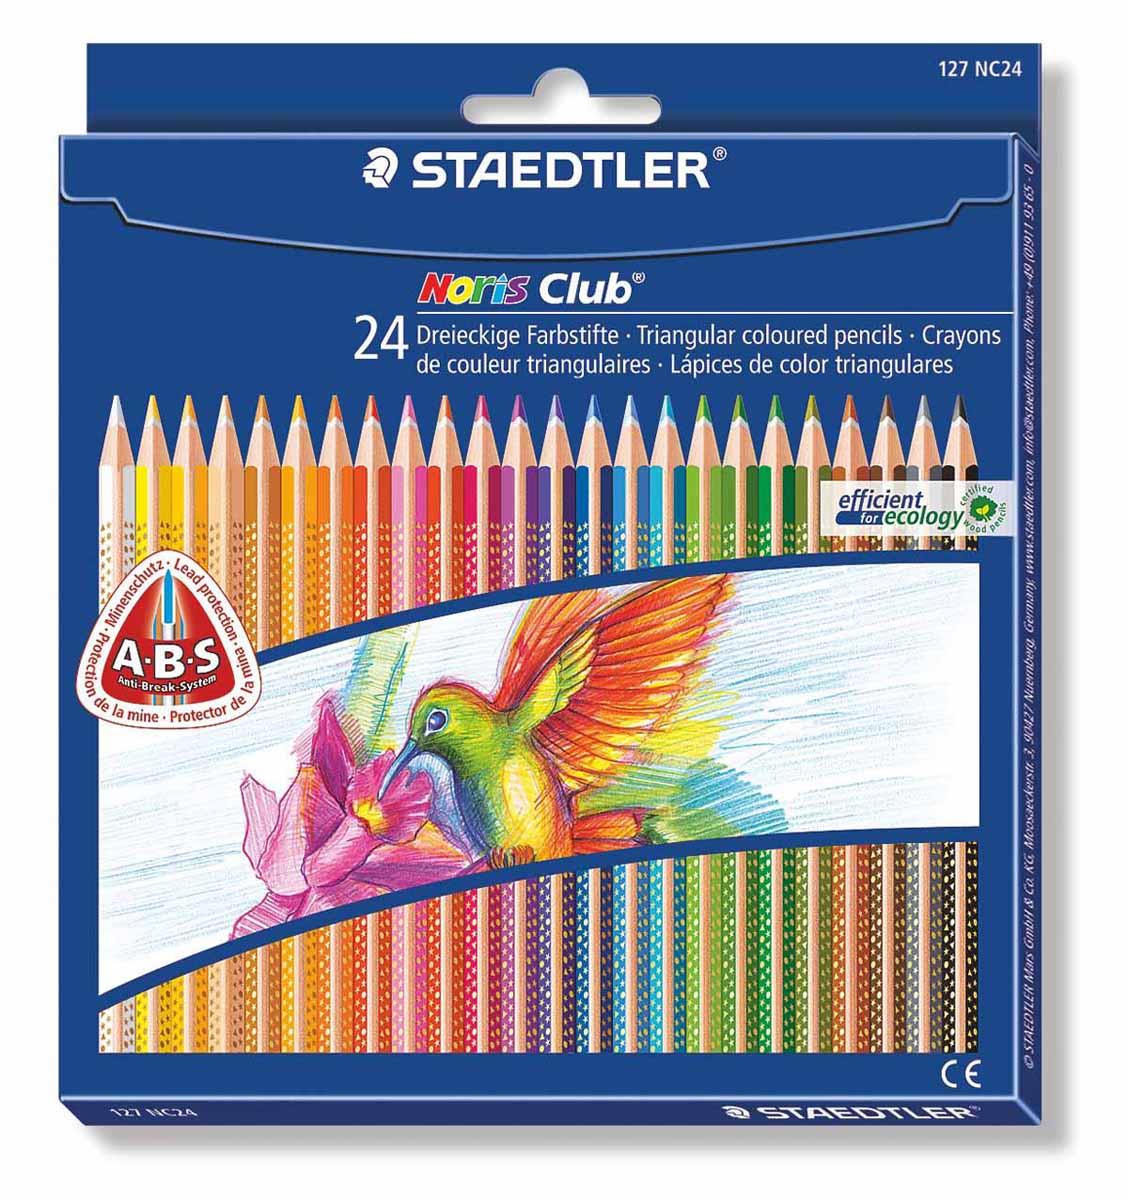 Staedtler Набор цветных карандашей Noris Club 24 цветаC13S041944Цветные карандаши Staedtler Noris Club обладают трехгранной формой. Разработанные специально для детей, они имеют мягкий грифель и насыщенные цвета, а белое защитное покрытие грифеля (А·B·S) делает его более устойчивым к повреждению. С цветными карандашами Noris Club ваши дети будут создавать яркие и запоминающиеся рисунки.В наборе 24 карандаша.